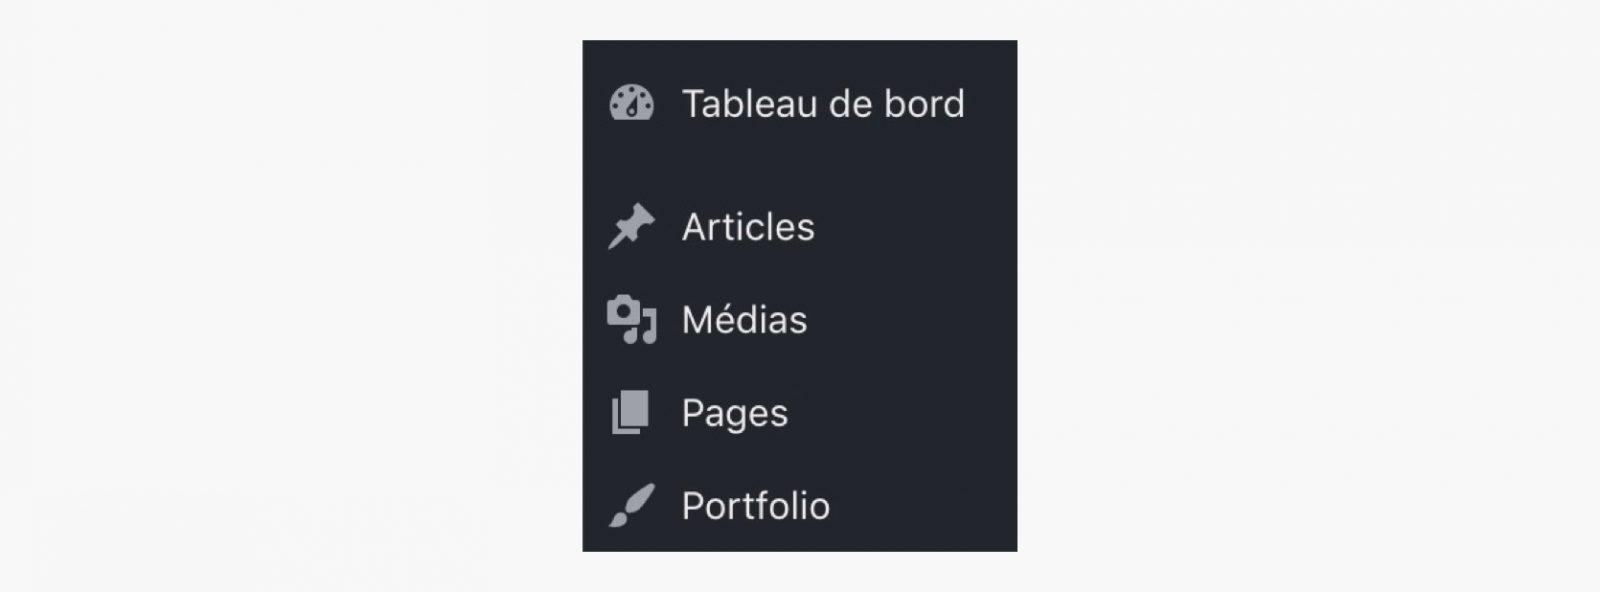 Les types de publication personnalisés dans l'interface d'administration de WordPress